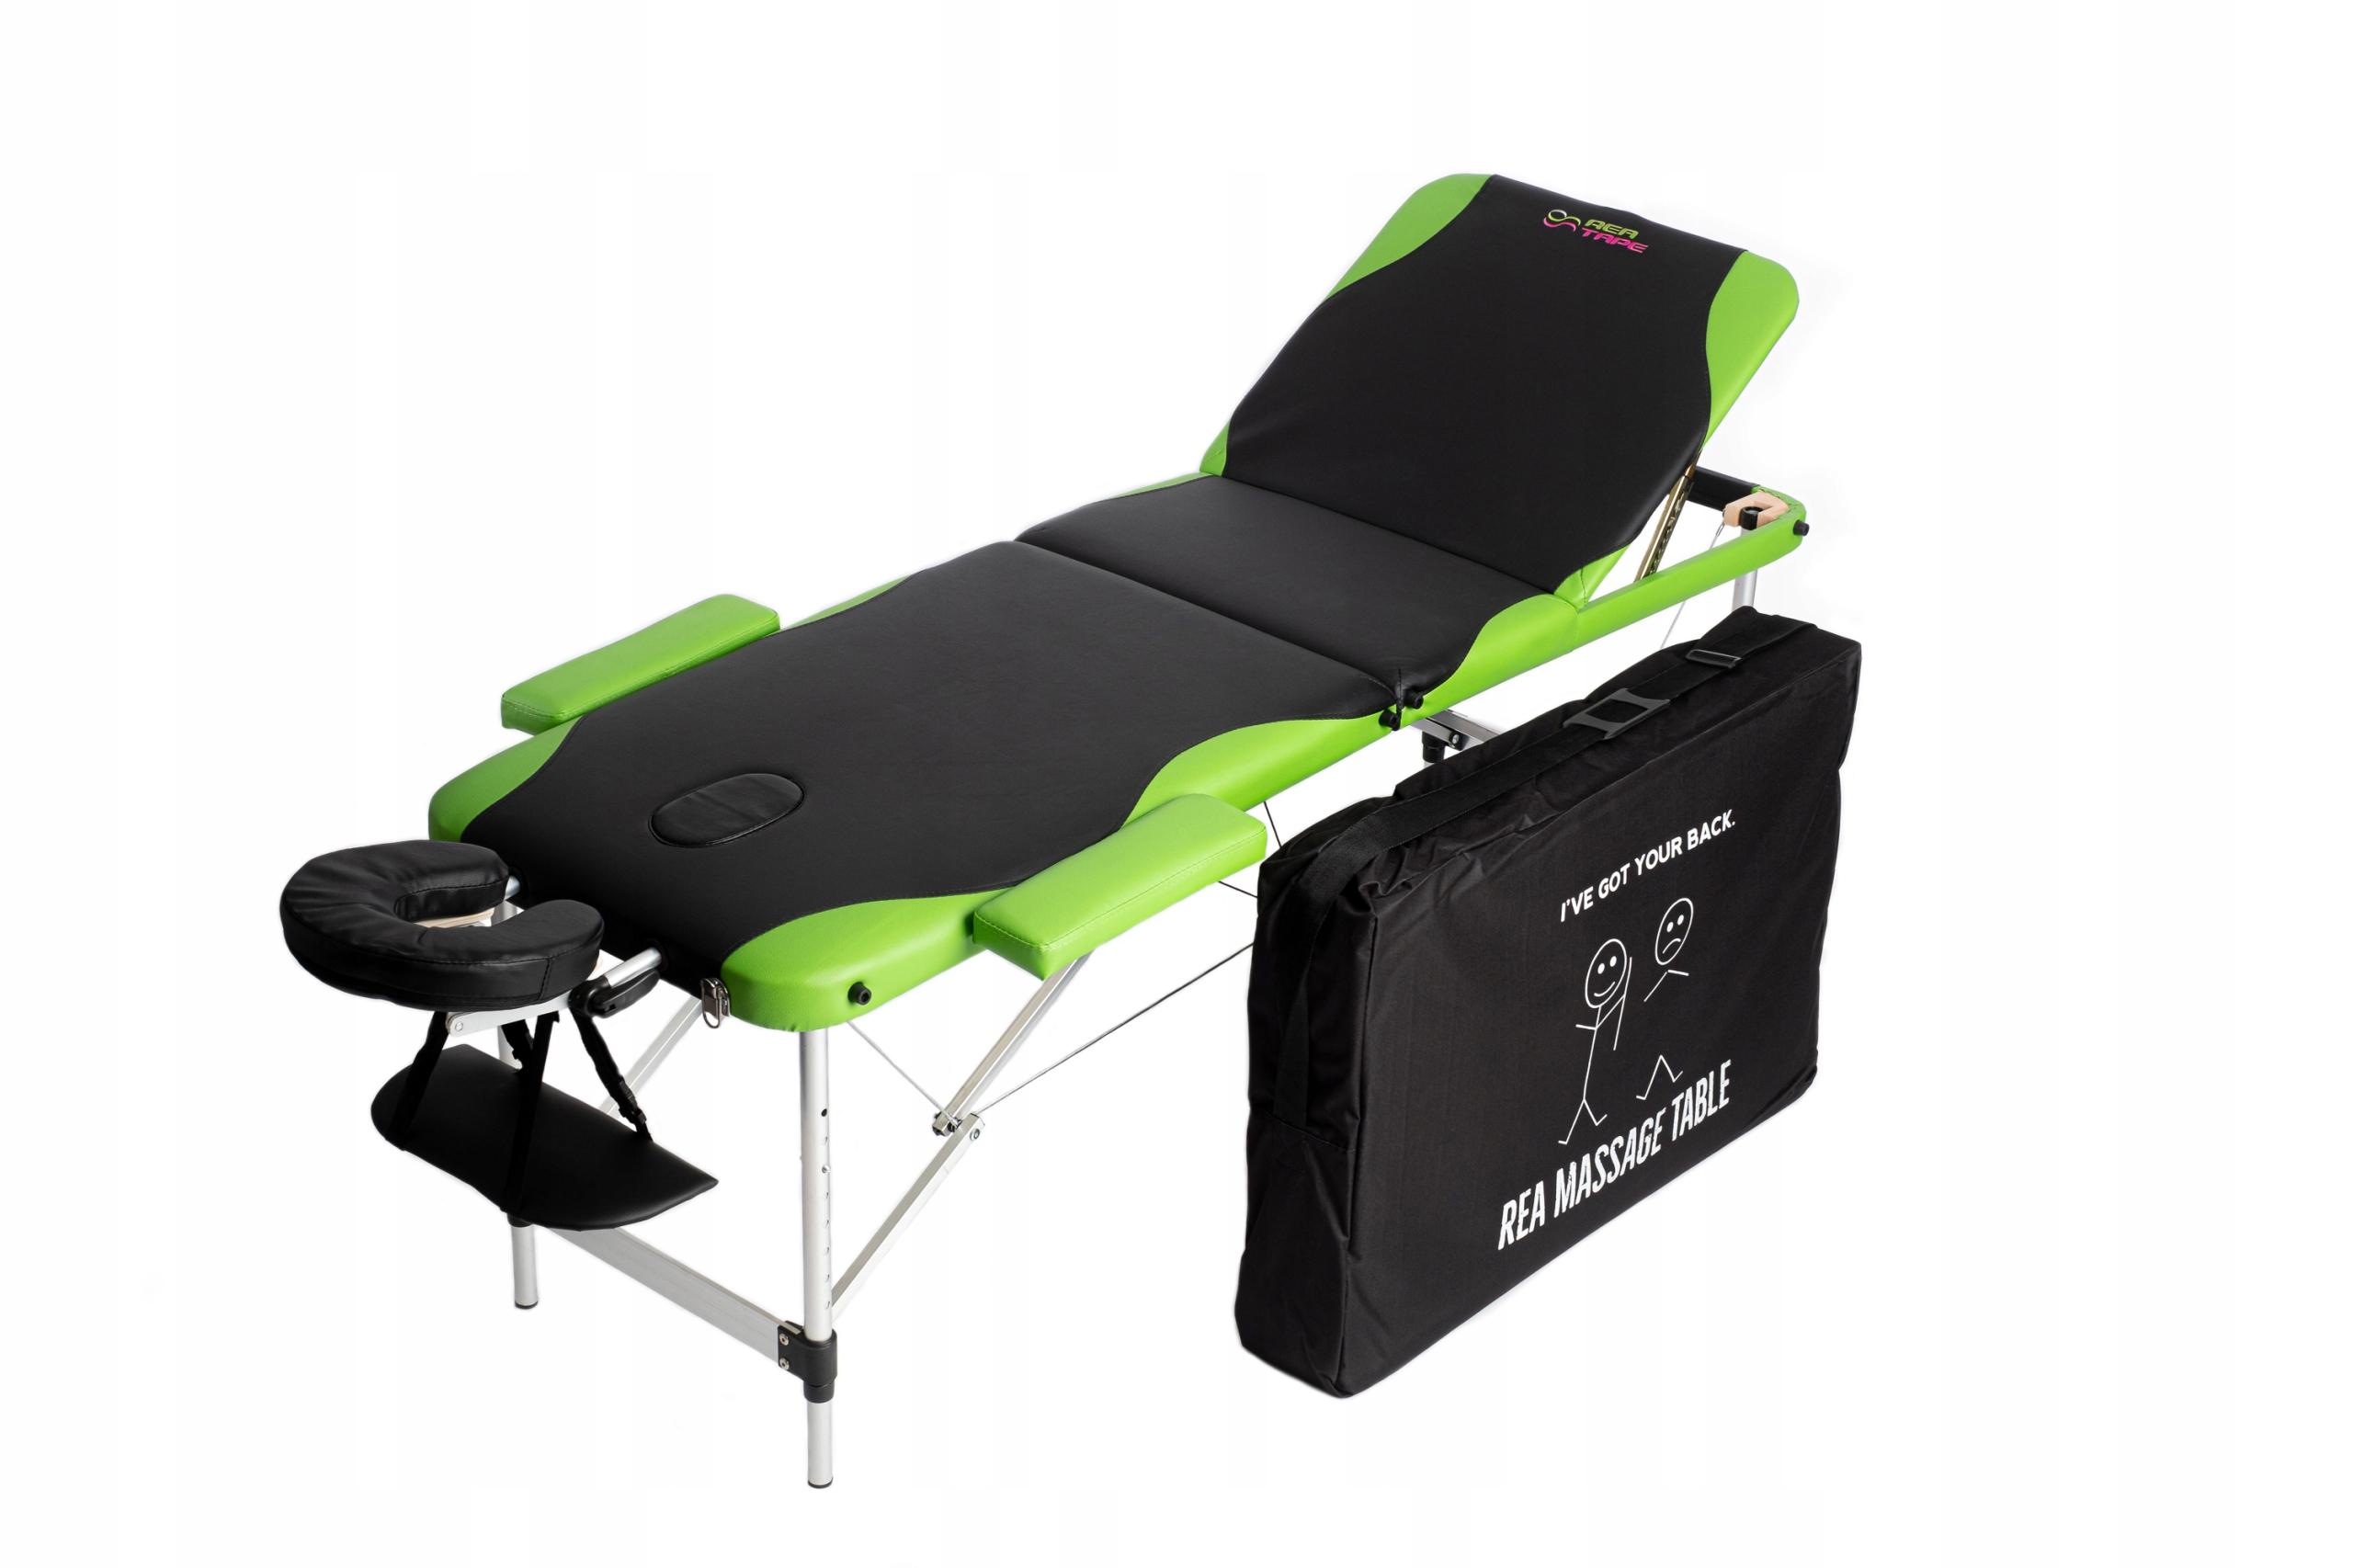 Stol Lozko Do Masazu Rea Aluminiowe 3 Segmentowe Z 9376934884 Allegro Pl